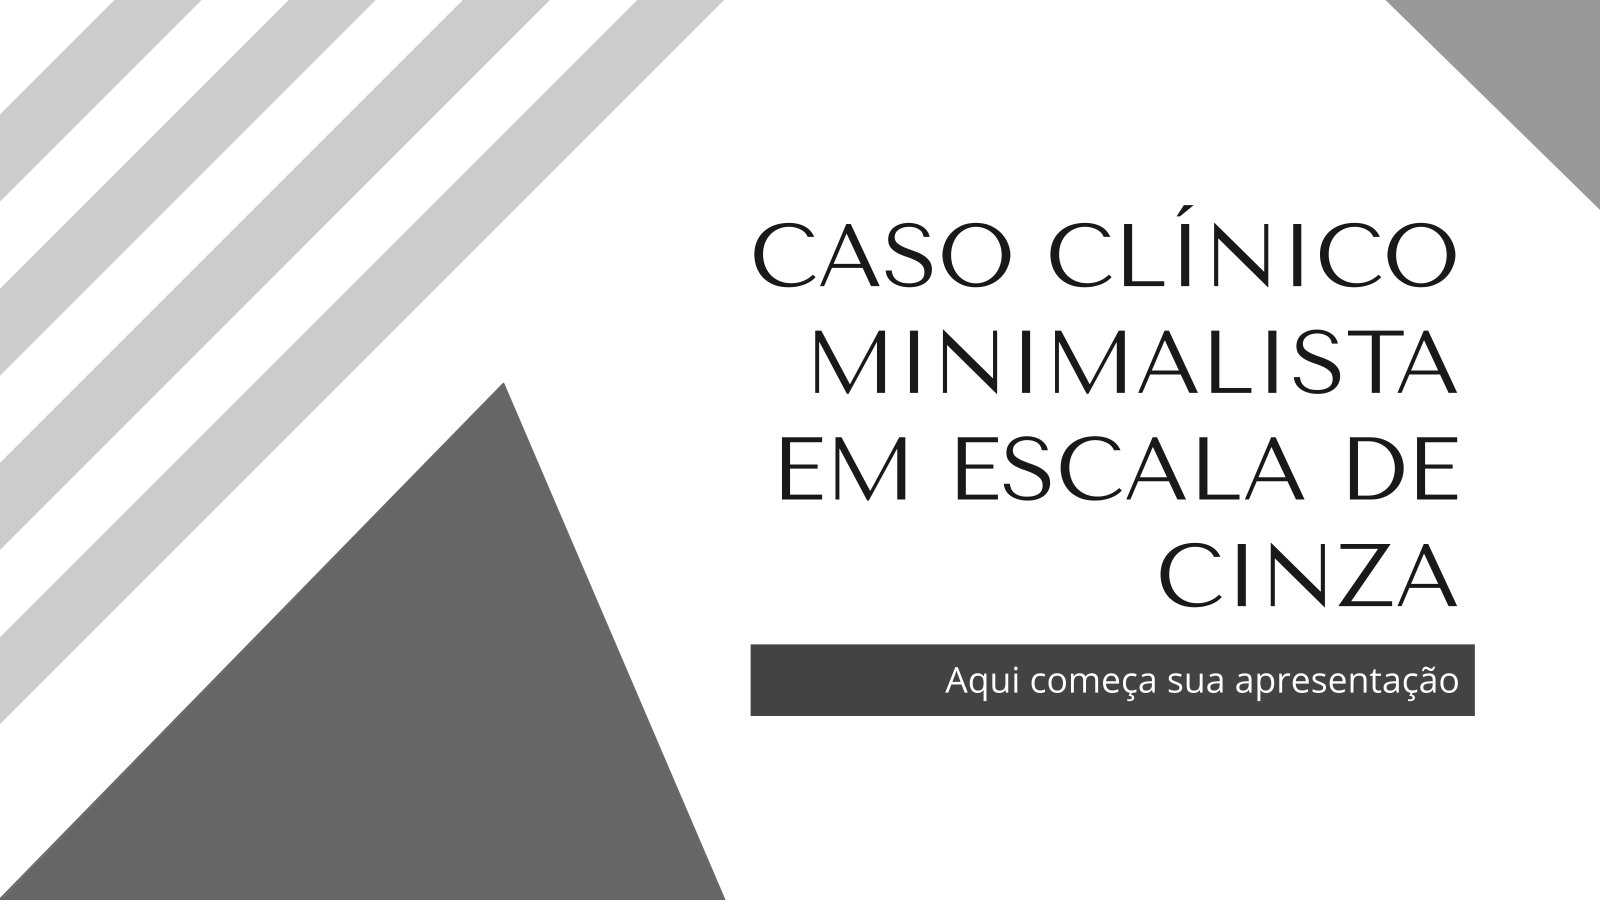 Plantilla de presentación Caso clínico minimalista en escala de grises